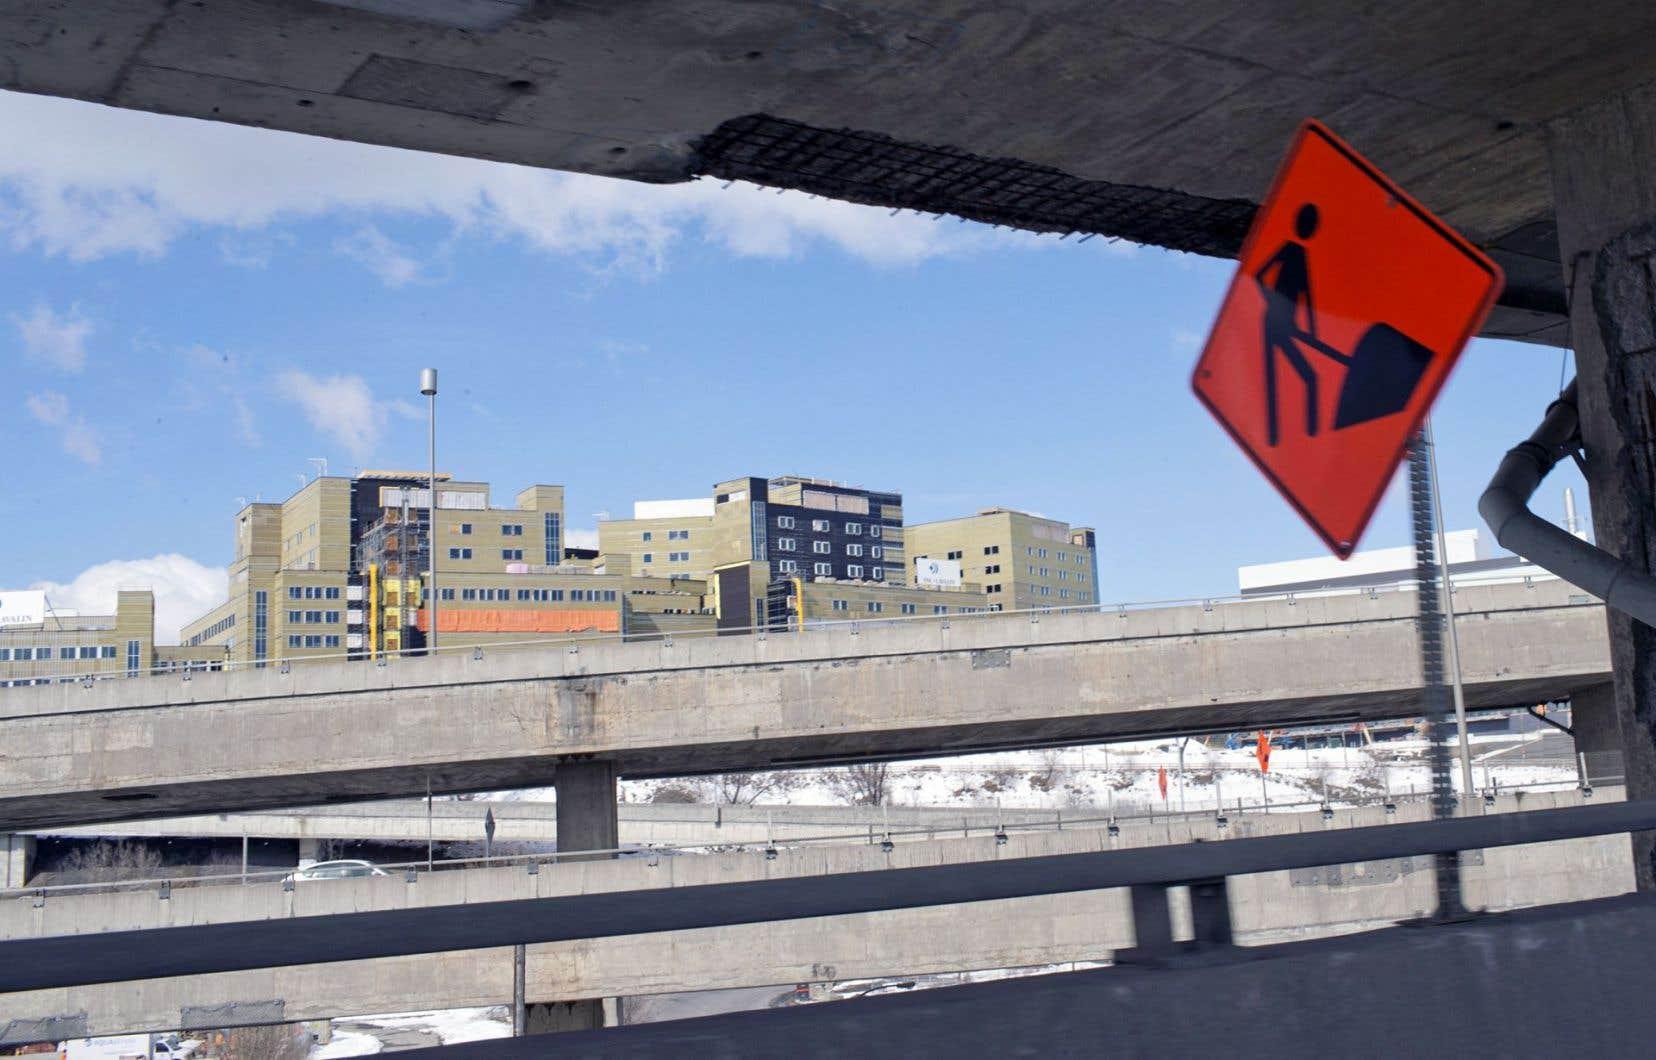 Le MTQ devra dépenser environ 400millions pour l'entretien de la structure existante. Ci-dessus, une voie de l'échangeur, avec en arrière-plan le chantier du Centre universitaire de santé McGill.